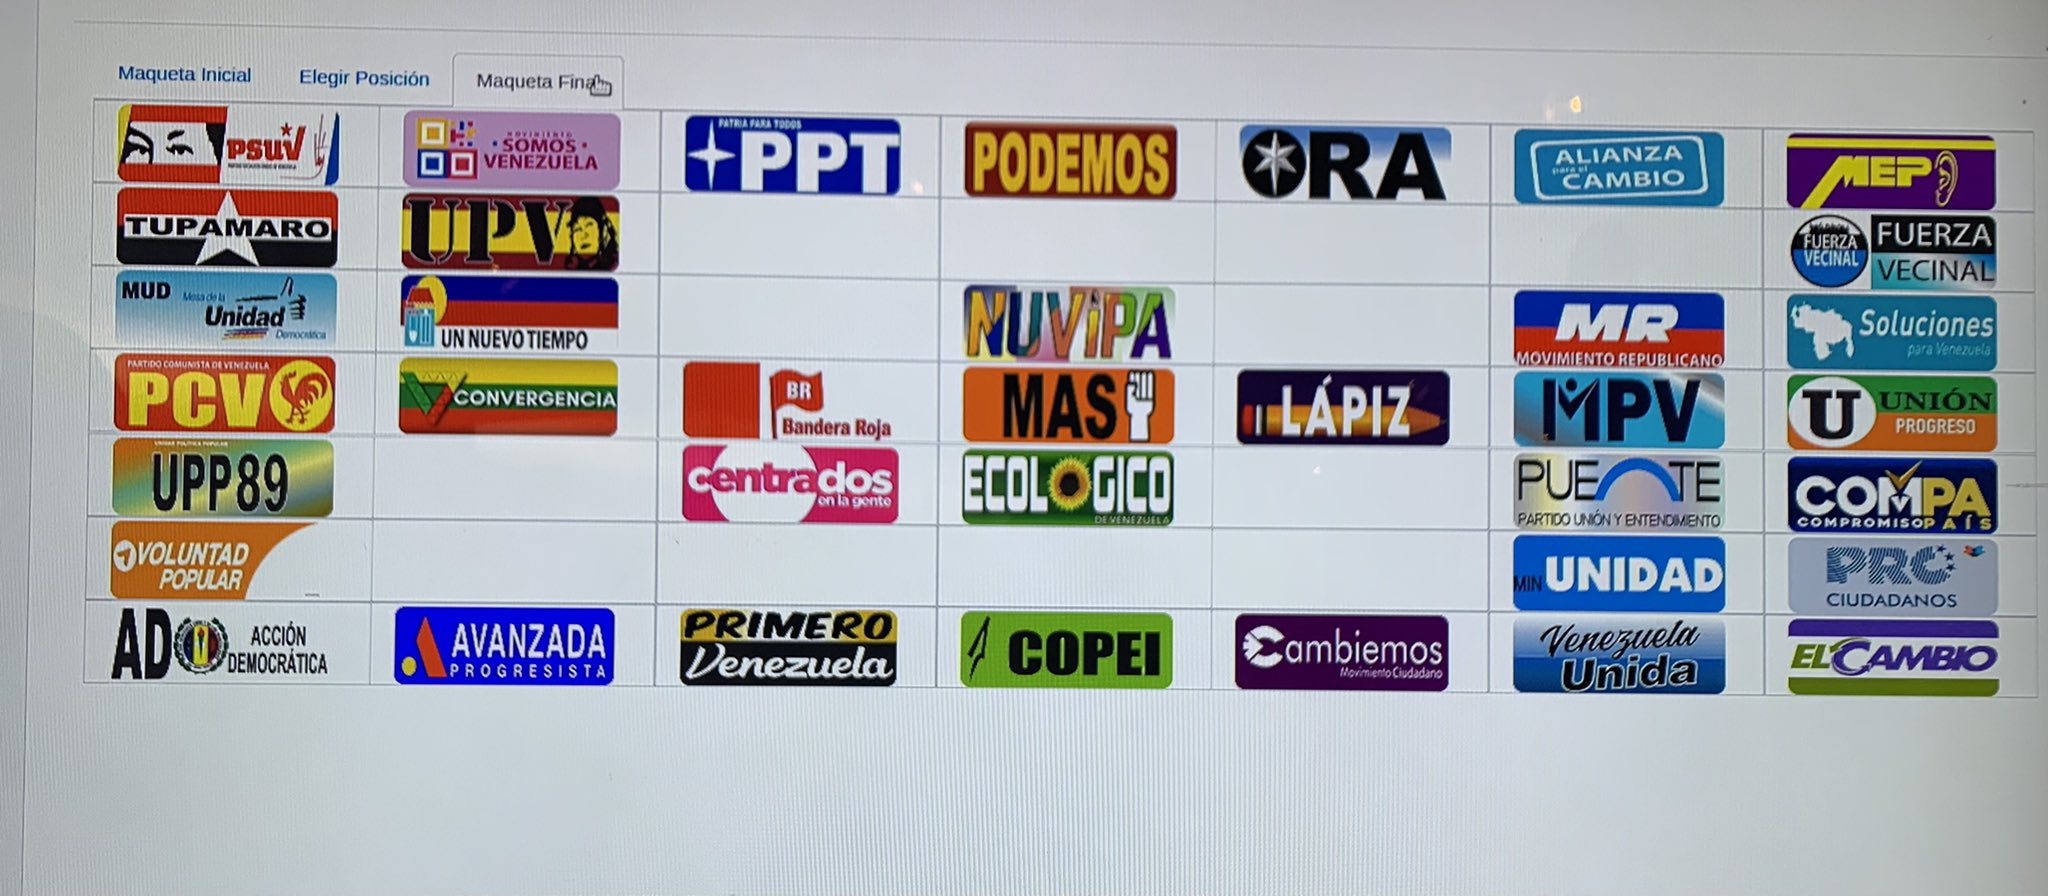 CNE reveló posición de los partidos políticos en la boleta electoral para los comicios regionales del 21-N